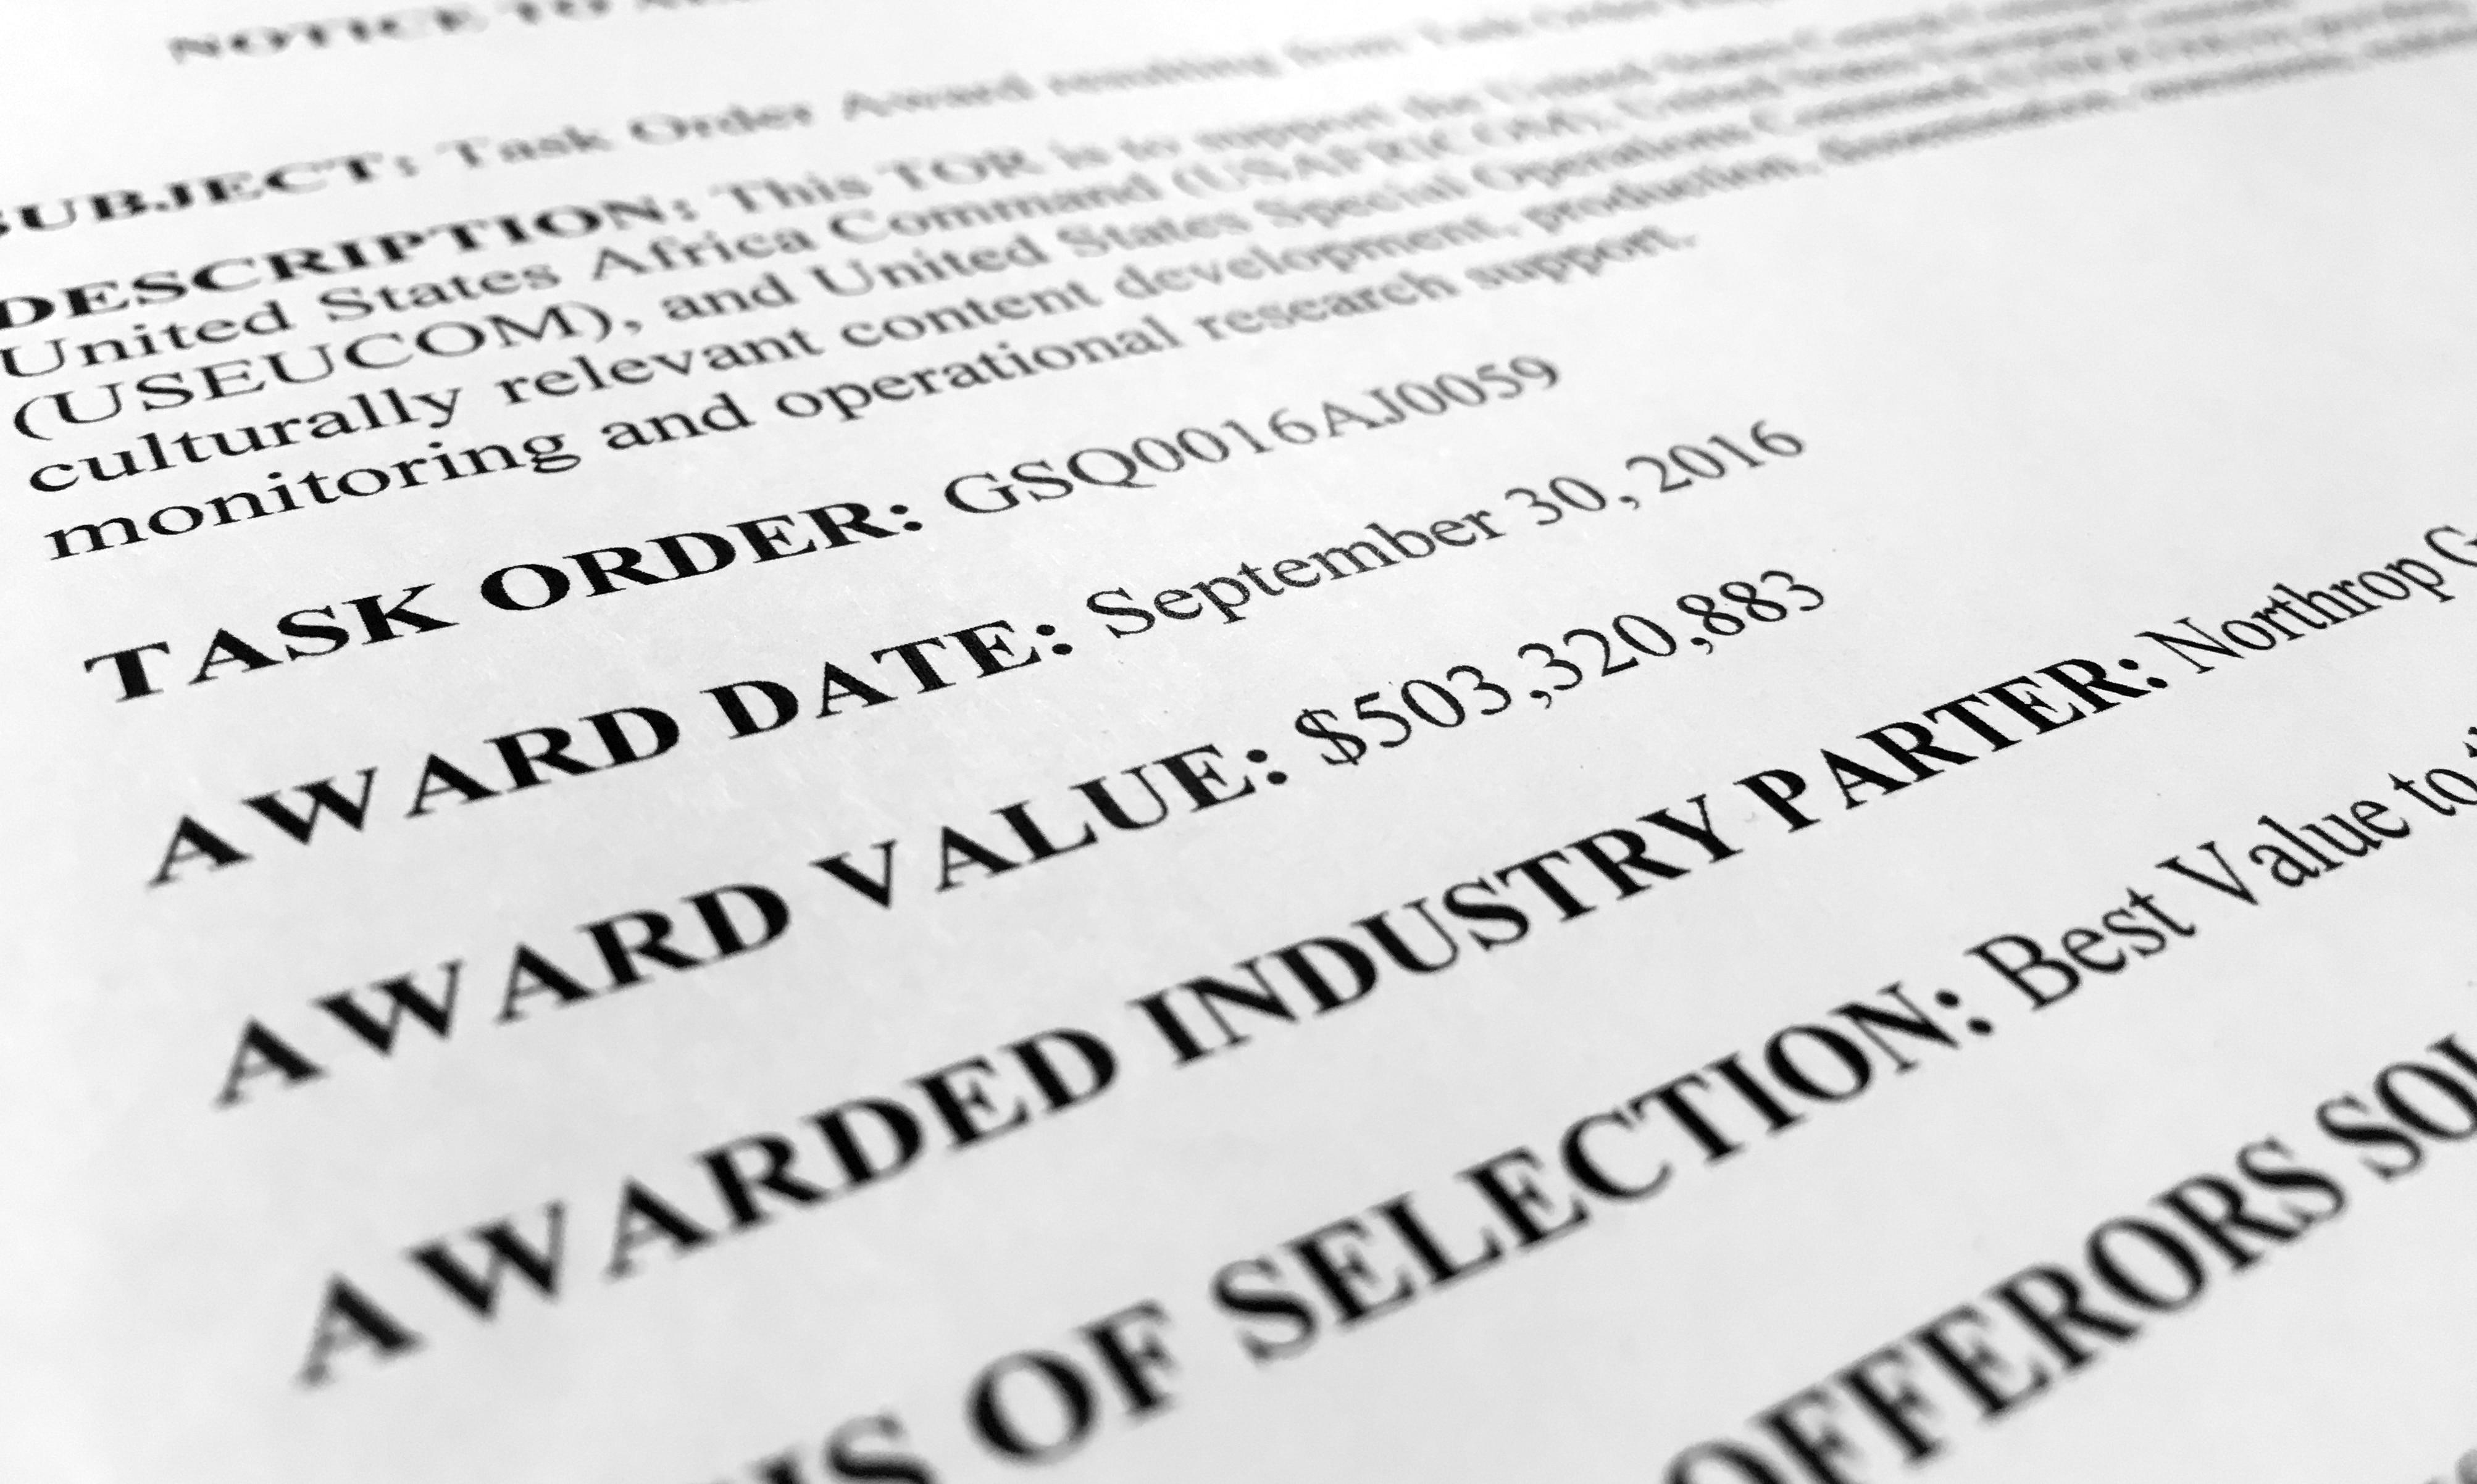 Northrup Grumman contractors 13117